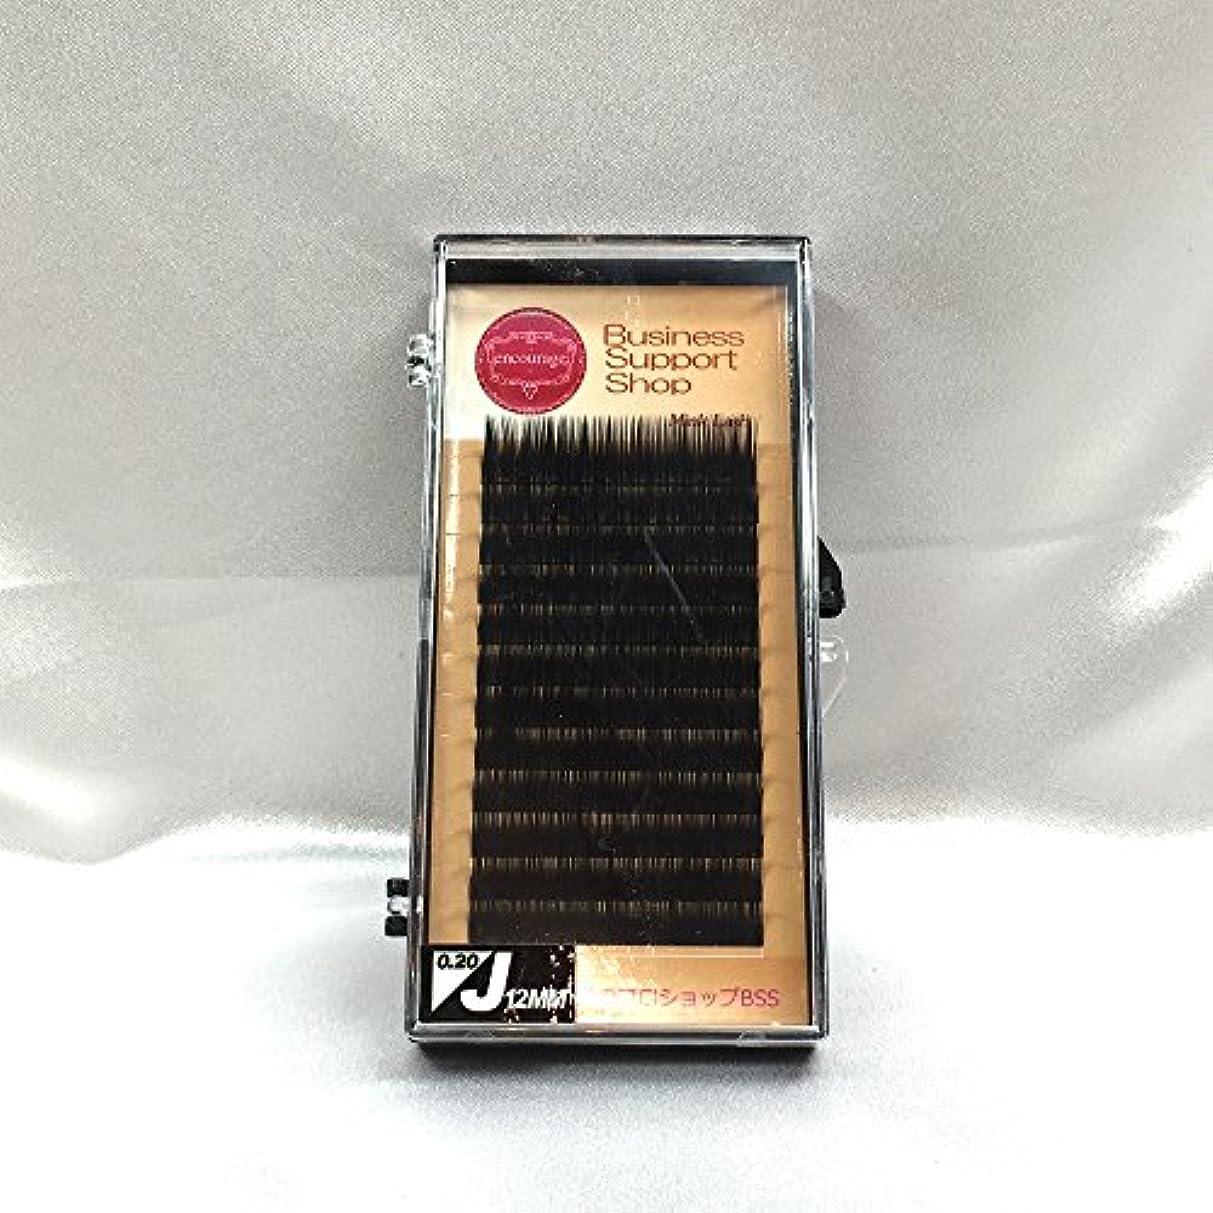 雇用トレーダーコンテンツまつげエクステ Jカール(太さ長さ指定) 高級ミンクまつげ 12列シートタイプ ケース入り (太0.20 長12mm)